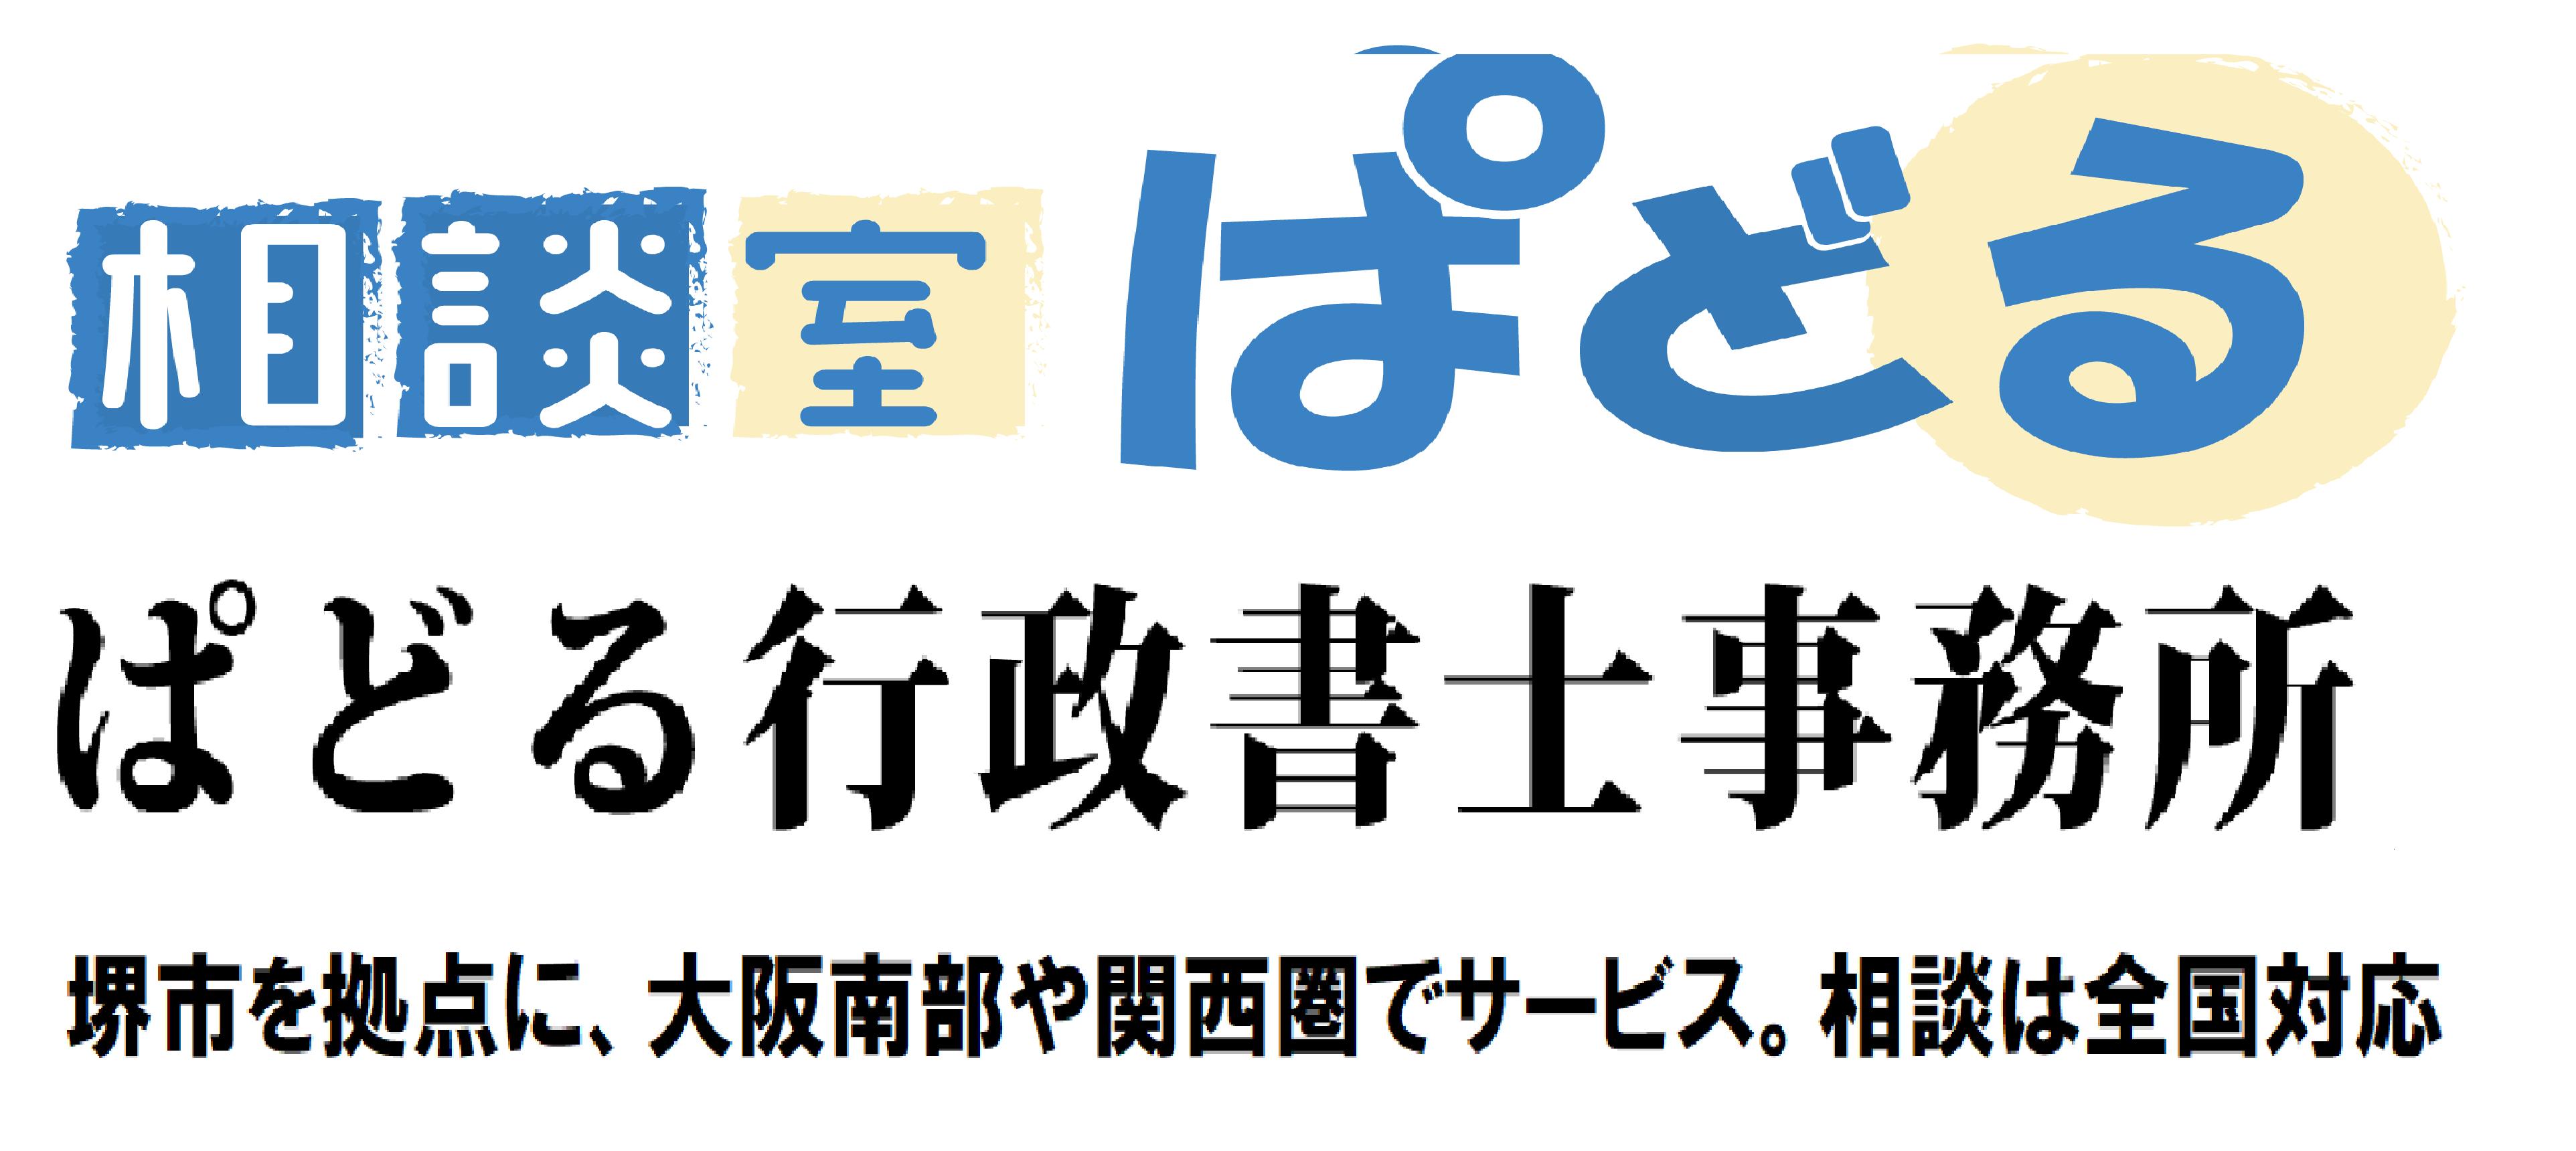 相談室ぱどる|ぱどる行政書士事務所